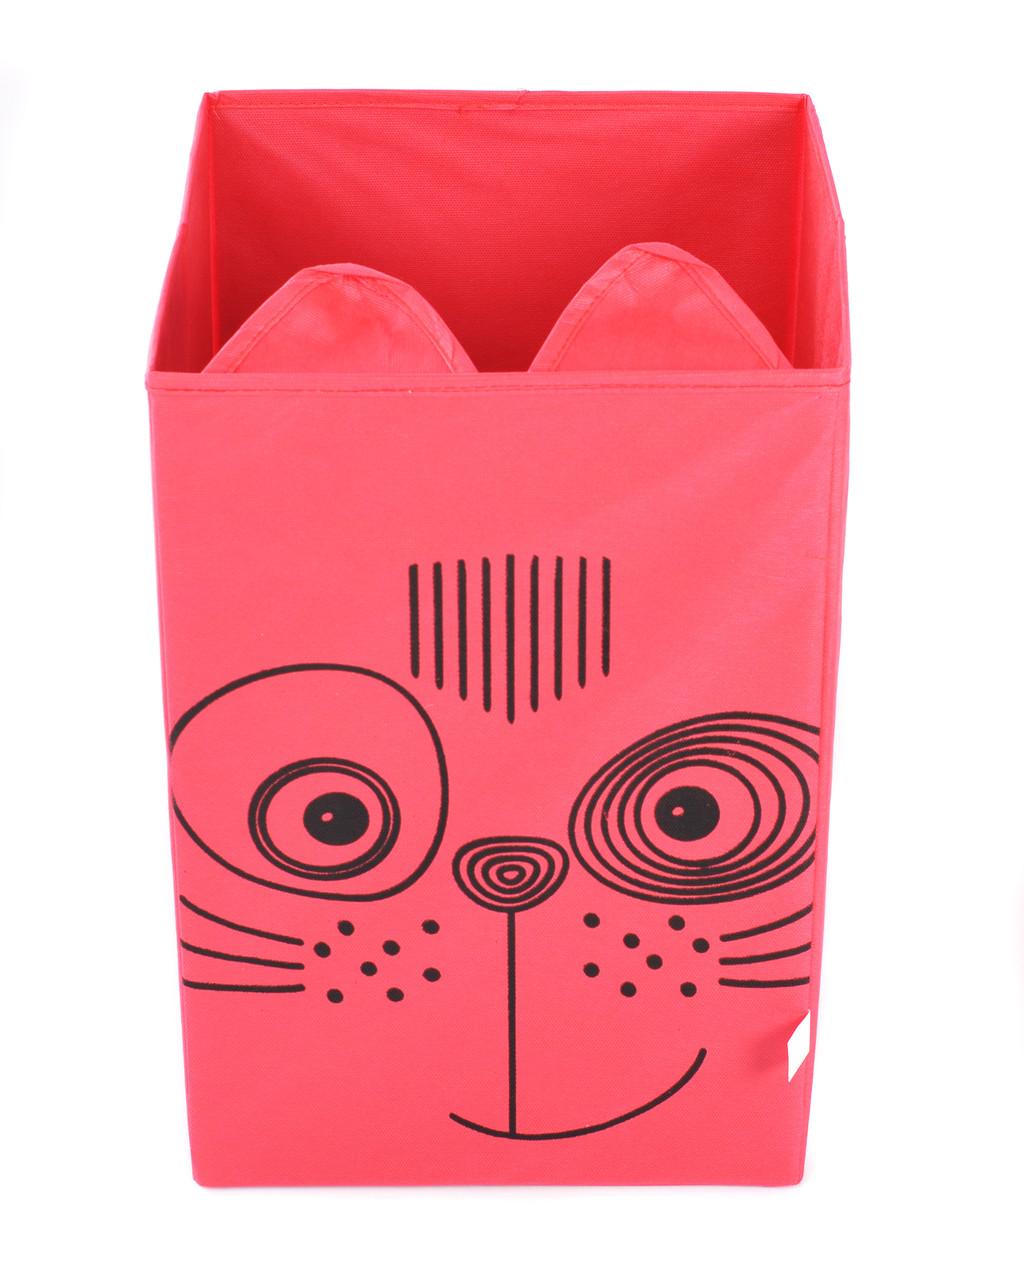 Ящик для хранения игрушек, 25 * 25 * 38 см, Зоопарк Кот (без крышки)